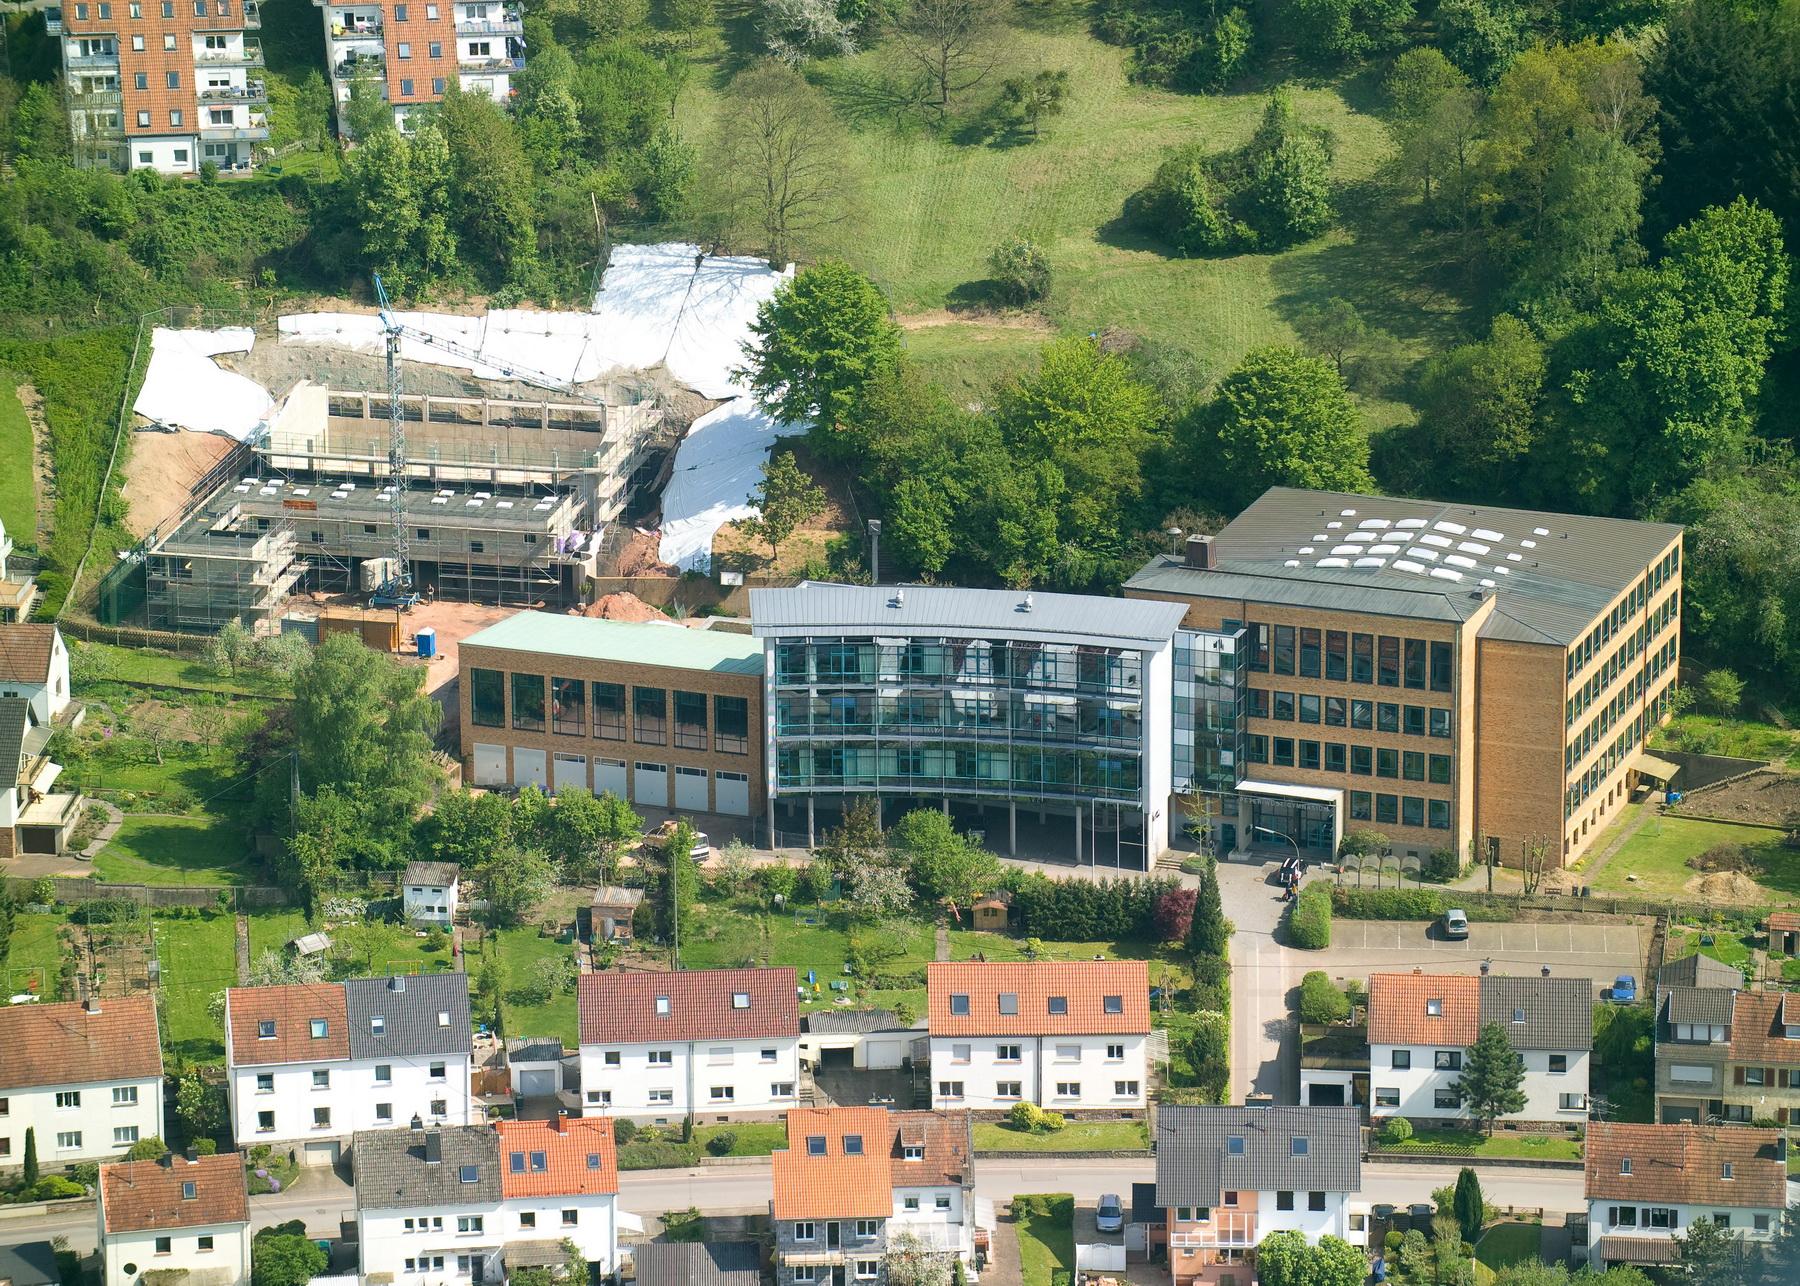 Luftansicht des Peter-Wust-Gymnasiums in Merzig